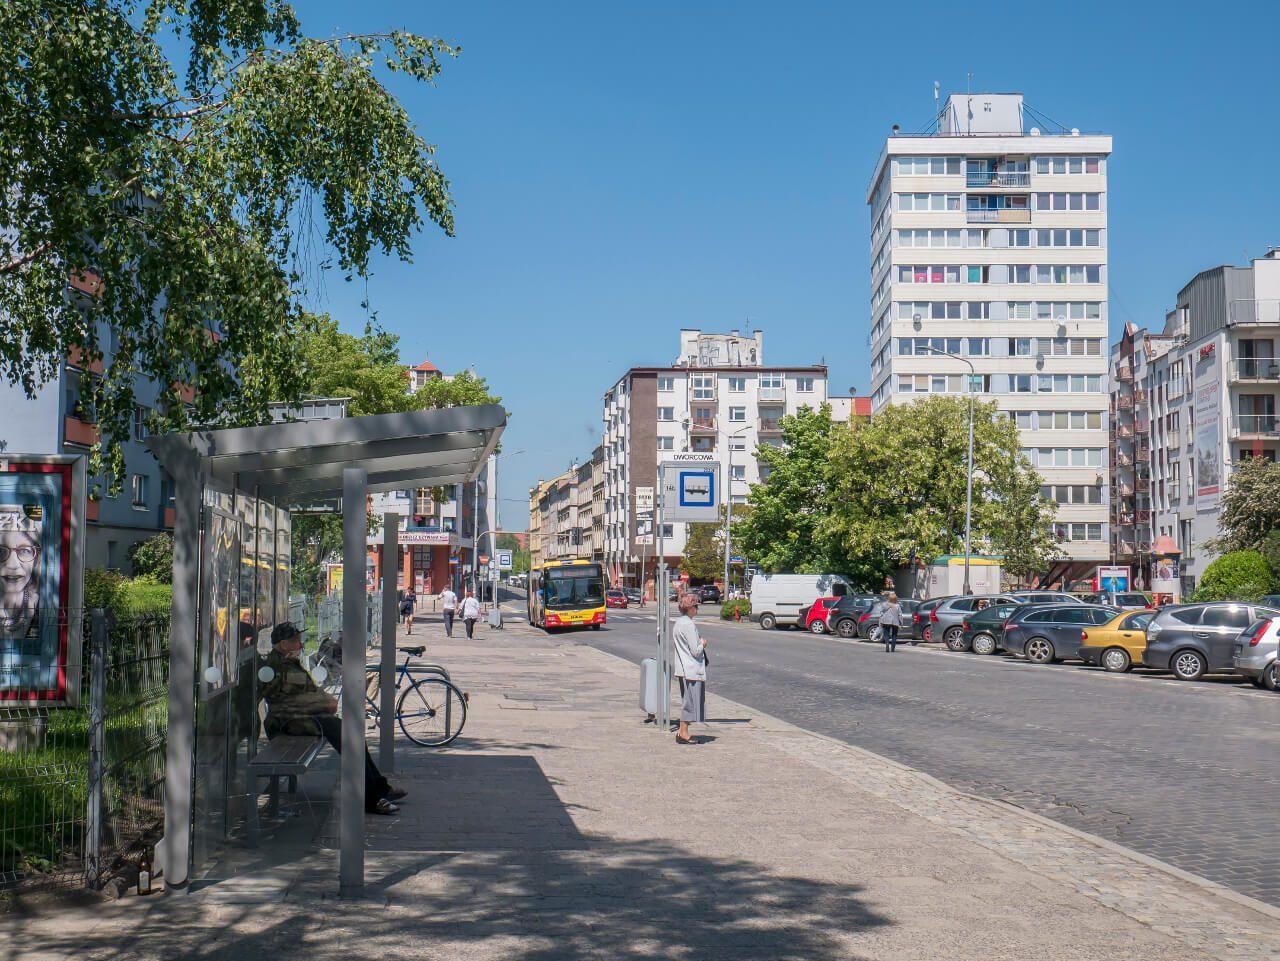 Widok na Trzonolinowiec z ulicy Dworcowej we Wrocławiu